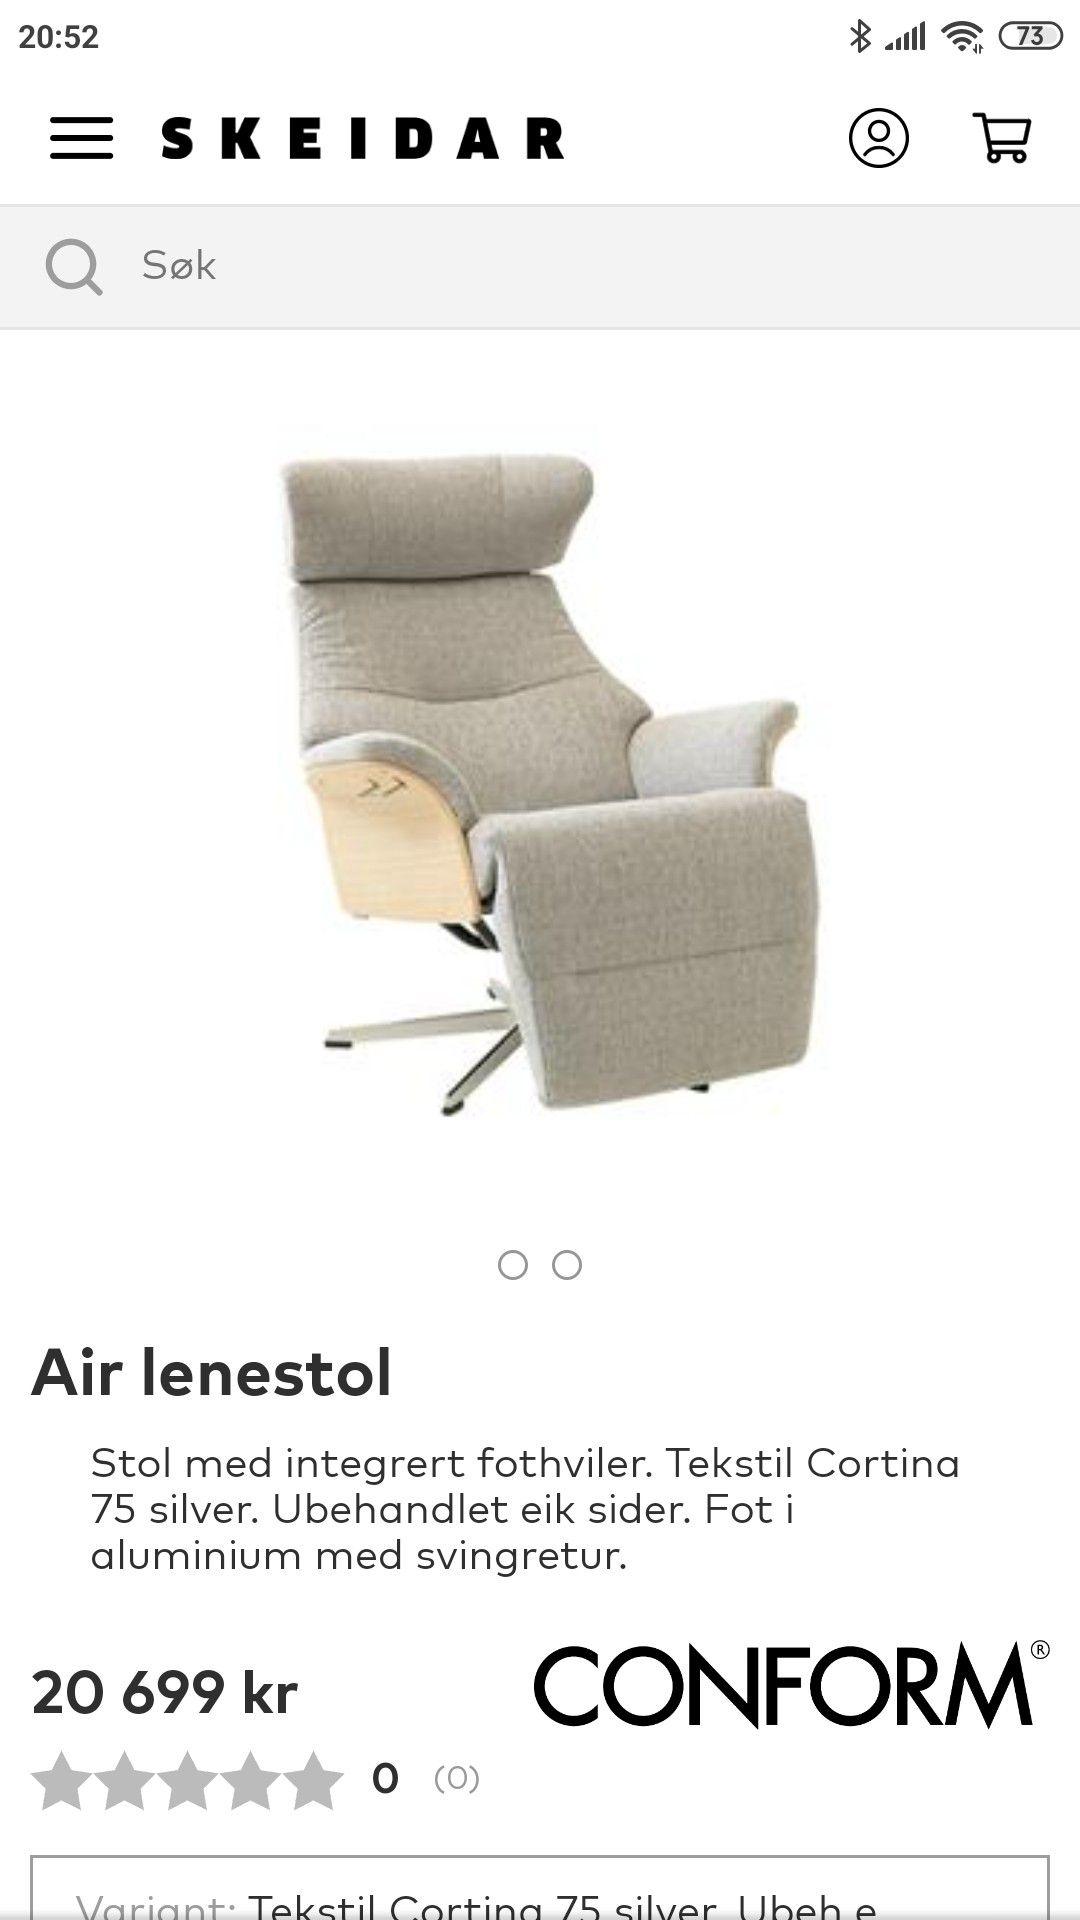 Conform Air hvilestol | FINN.no